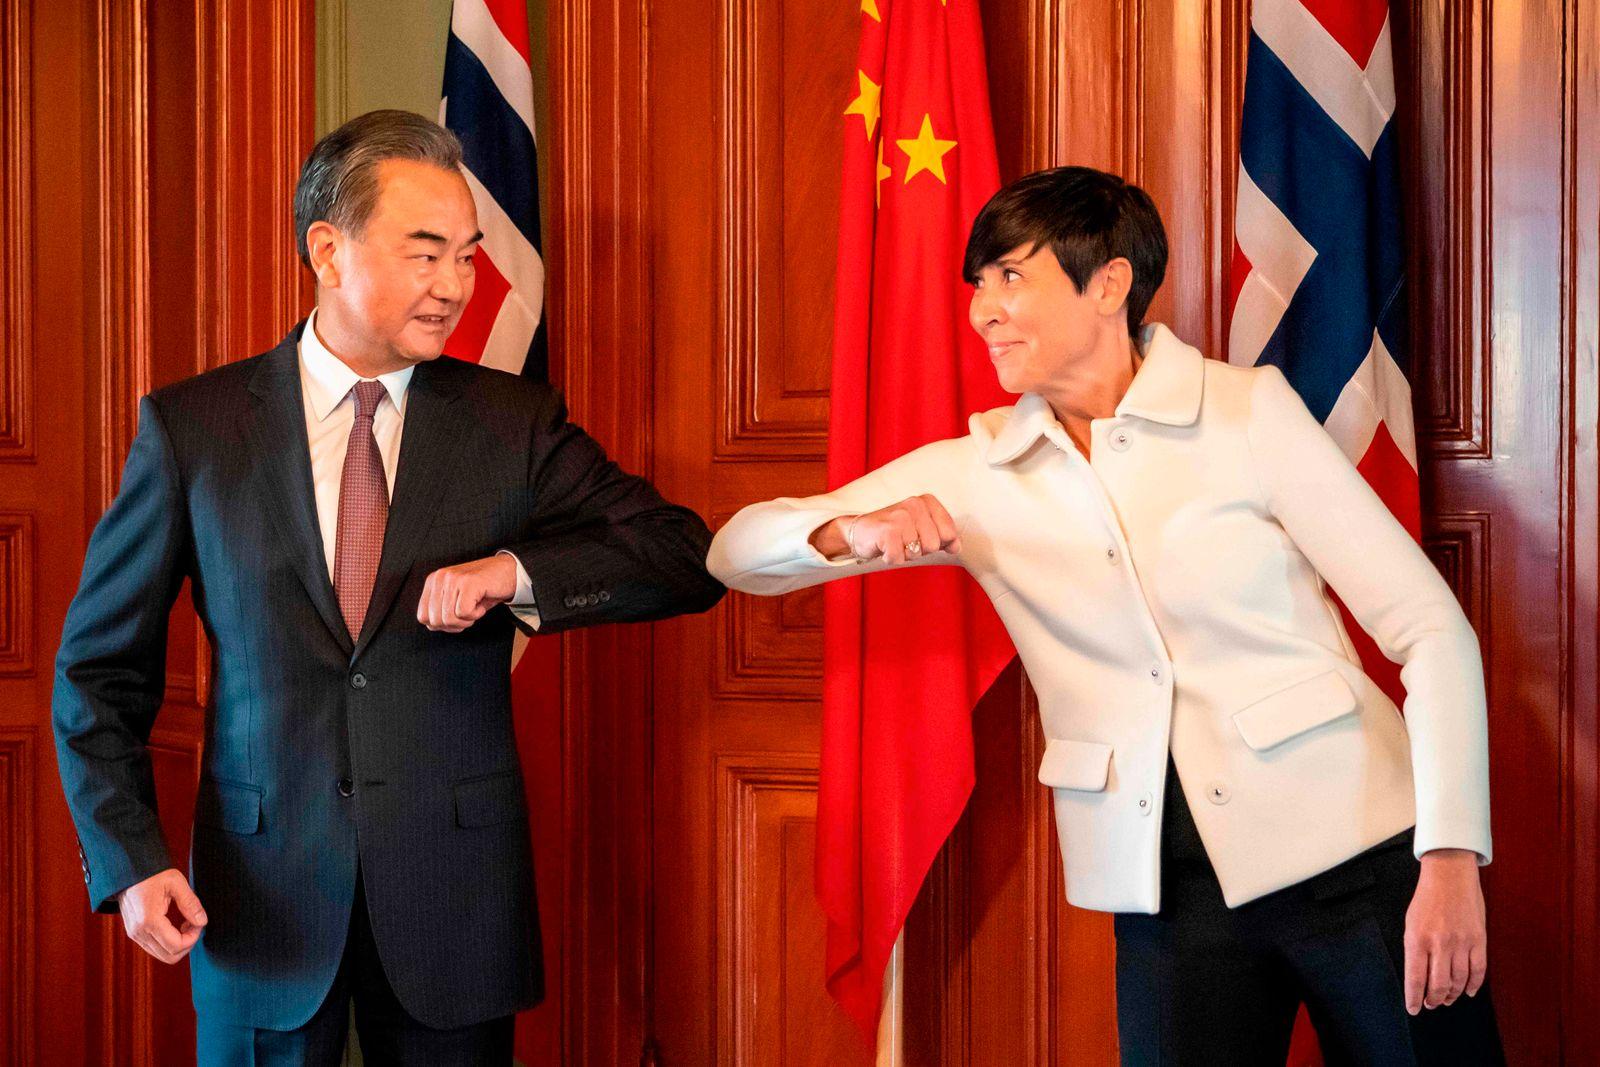 TOPSHOT-NORWAY-CHINA-DIPLOMACY